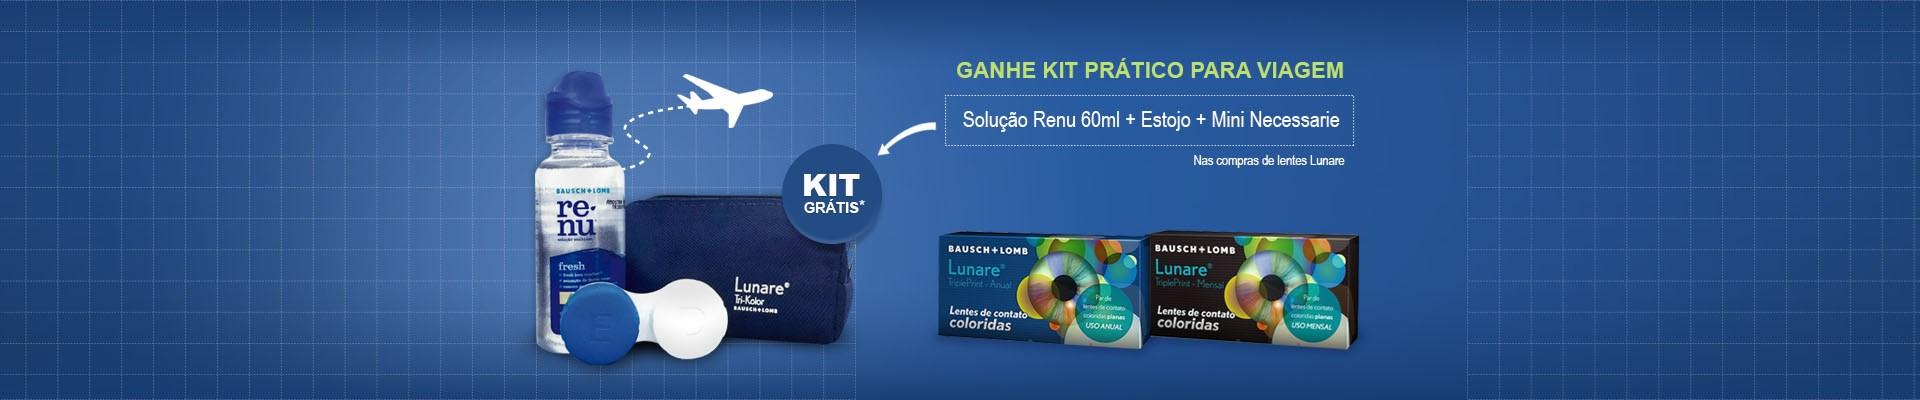 Promoção lentes Lunare - Ganhe kit viagem